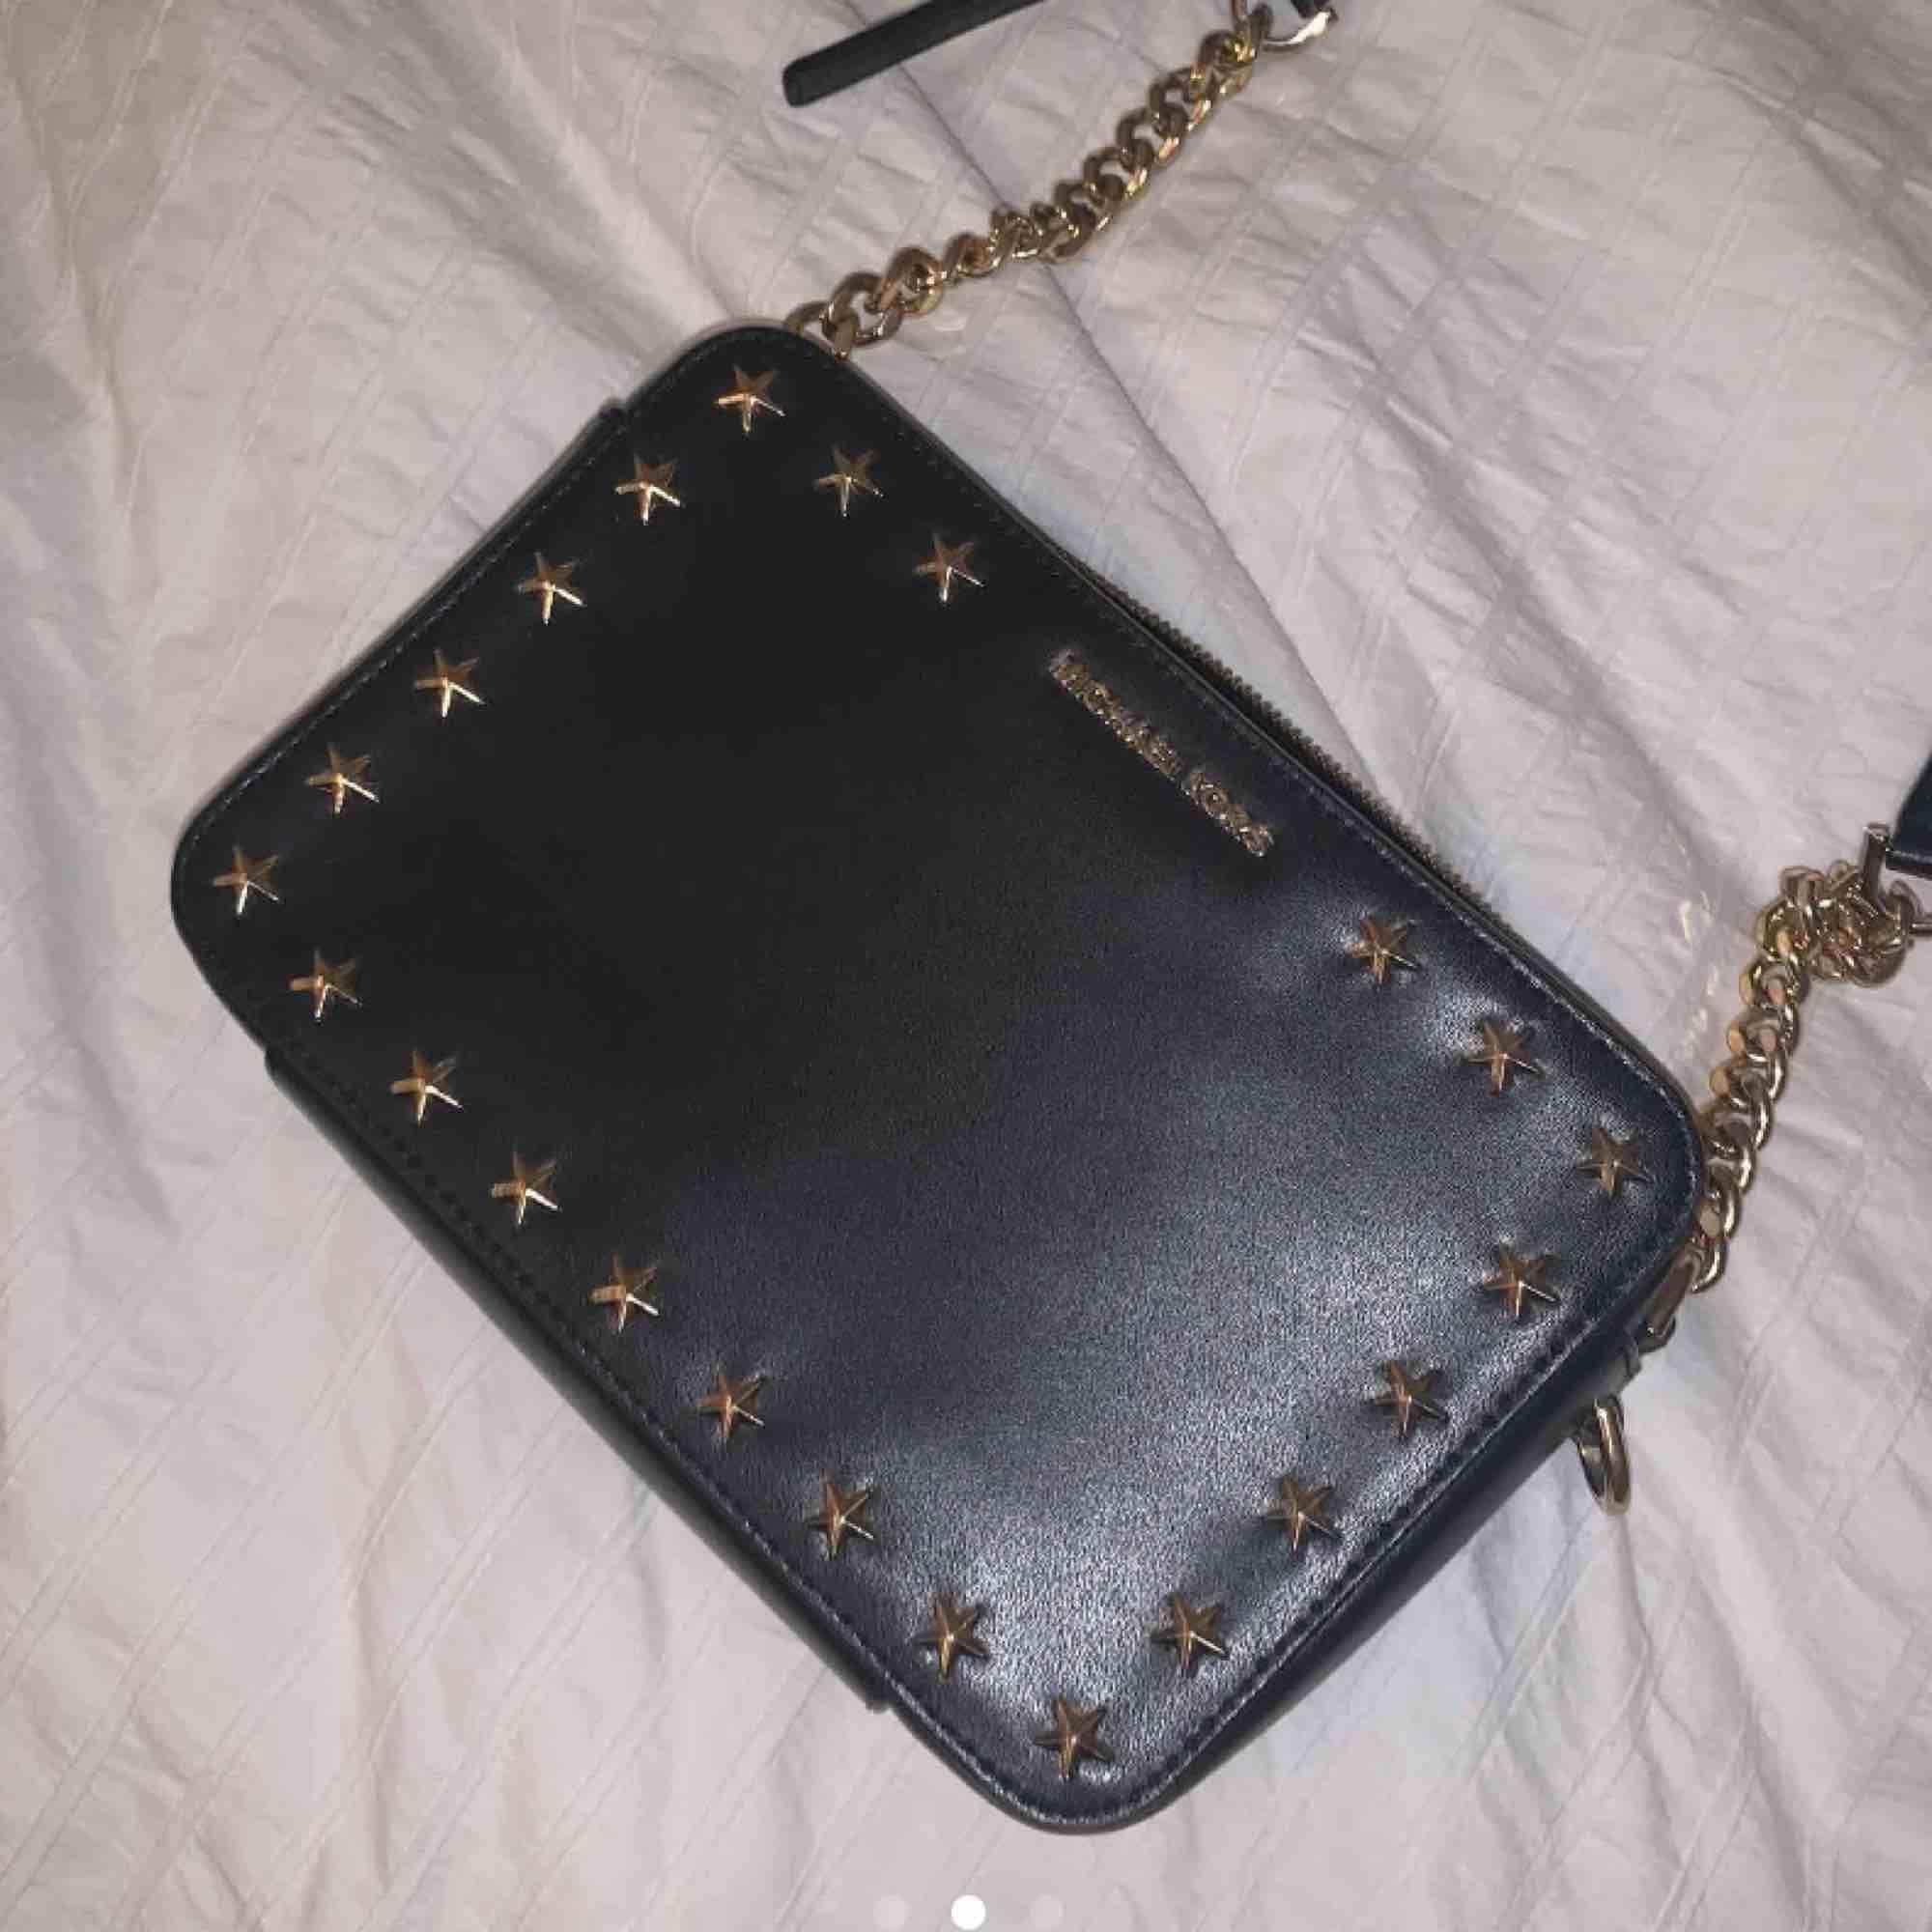 Michael kors väska med stjärndetaljer som aldrig är använd. Köptes för 3000kr, kontakta för fler bilder och funderingar💕 . Väskor.